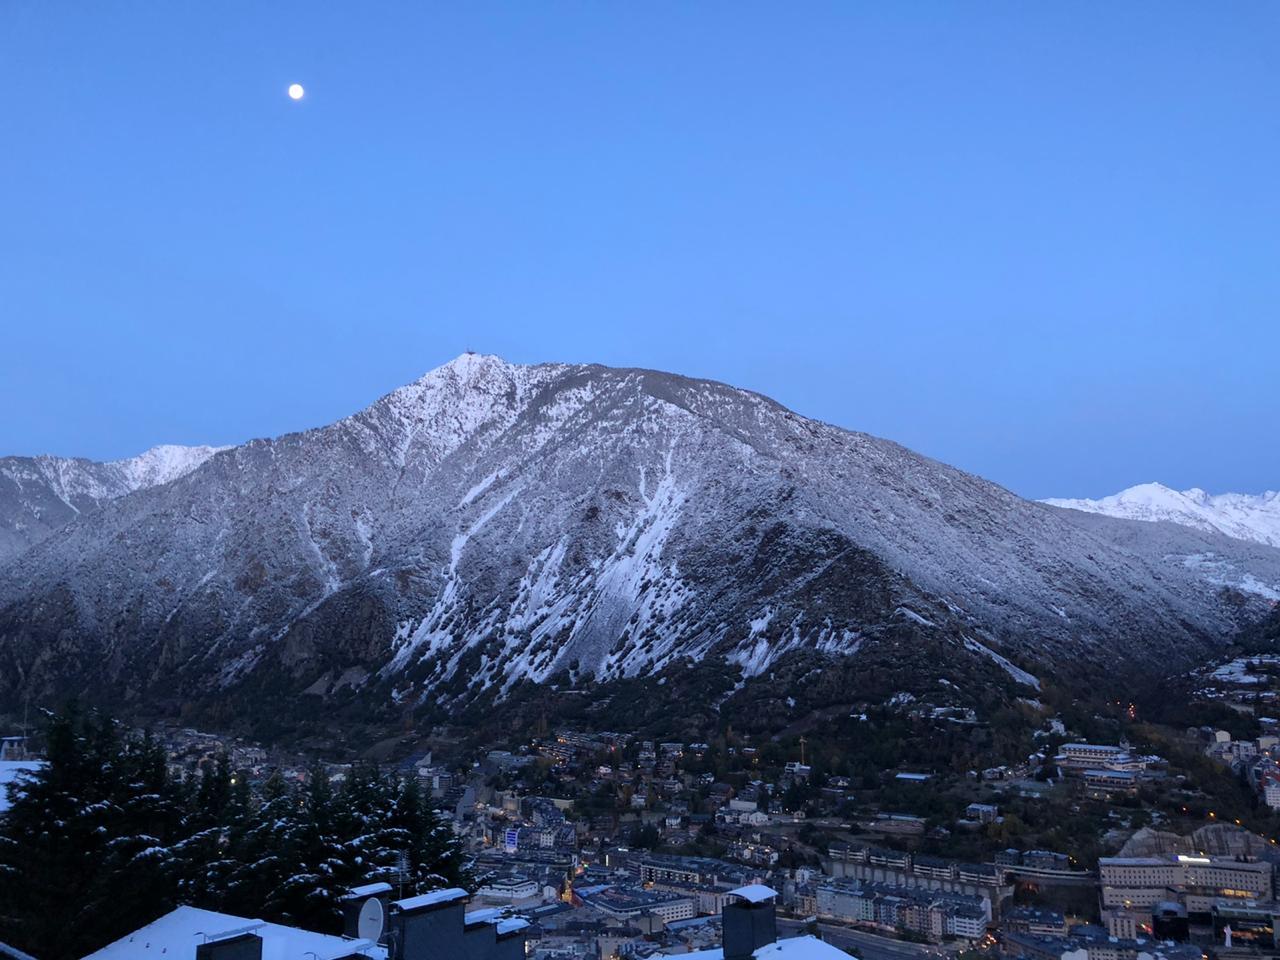 Demà ja podeu venir a esquiar a la zona de la Coma a Ordino Arcalís i després o abans passar-vos per Gran Farmàcia Andorra a comprar els productes de para farmàcia més imprescindibles per la vostra pell doncs obrim a 1a. hora del matí